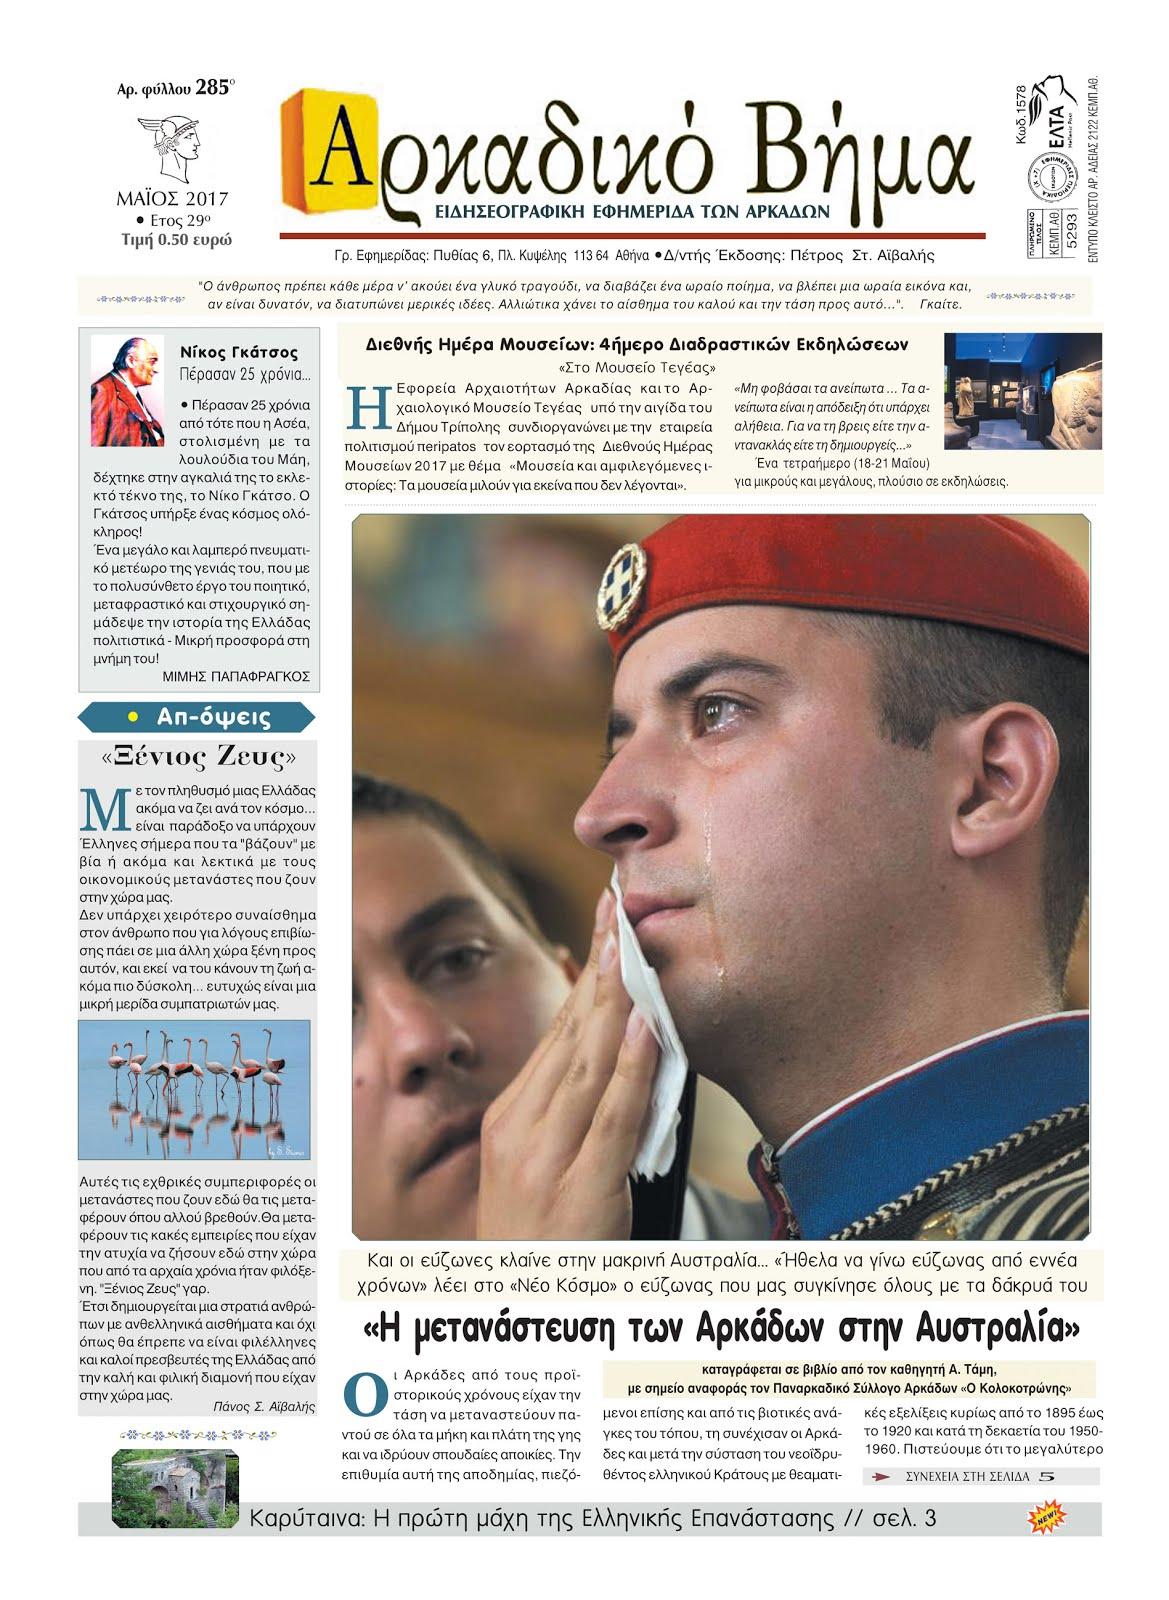 """Κυκλοφόρησε το νέο φύλλο Μαΐου της εφημερίδας """"Αρκαδικό Βήμα""""  με πλούσια θέματα"""